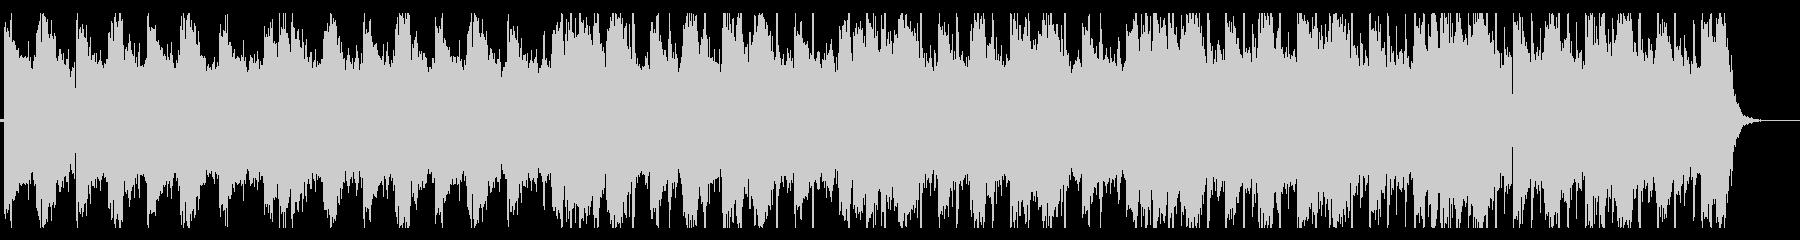 涼しげなHiphop_No383_2の未再生の波形